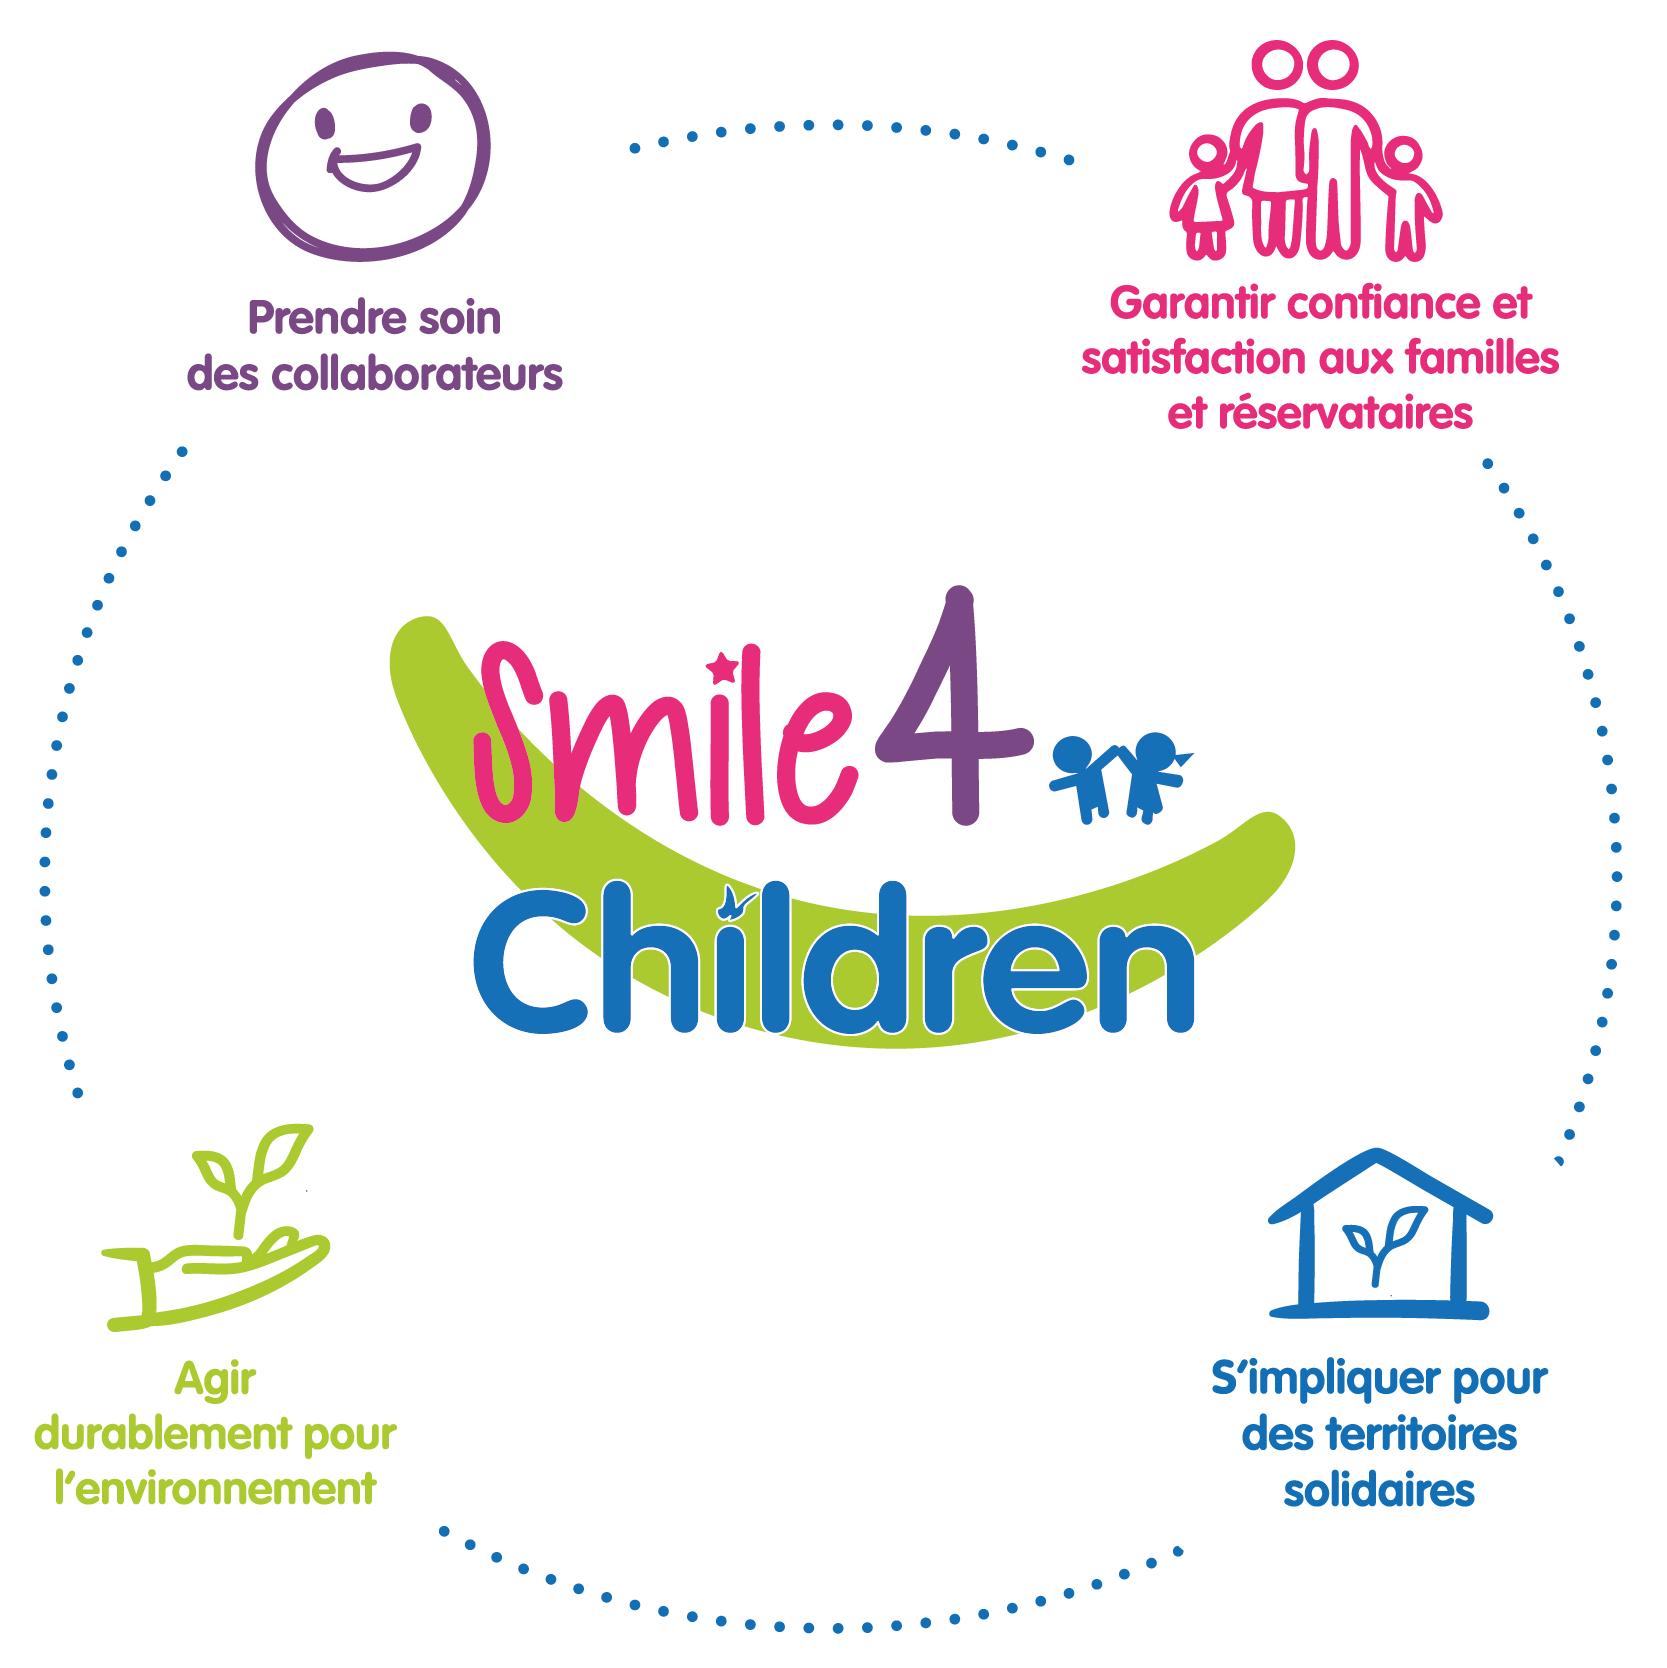 Smile4Children logo